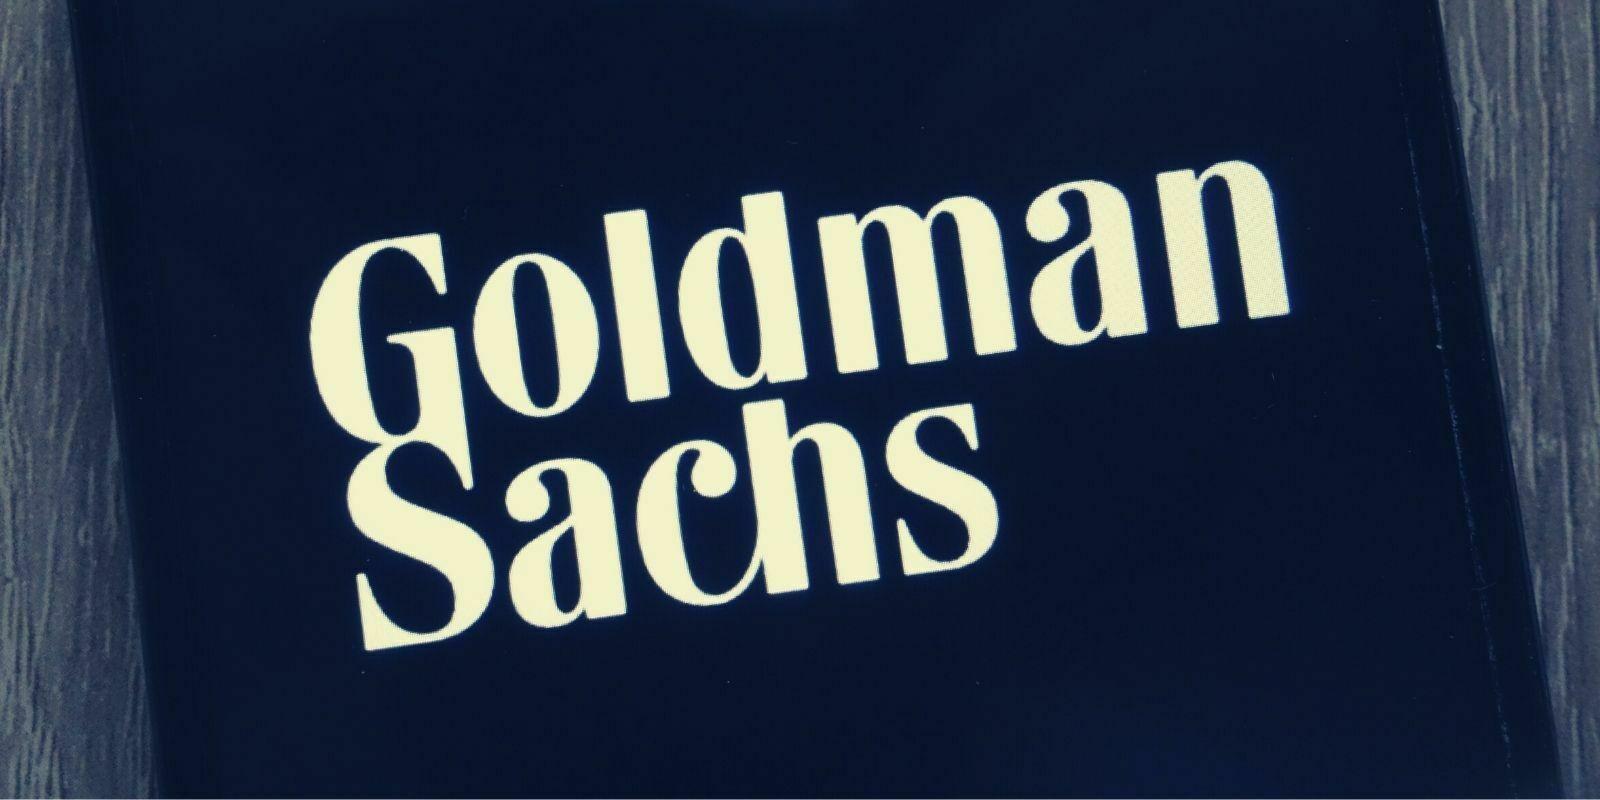 Le géant bancaire Goldman Sachs mène un investissement de 15 millions de dollars dans Coin Metrics